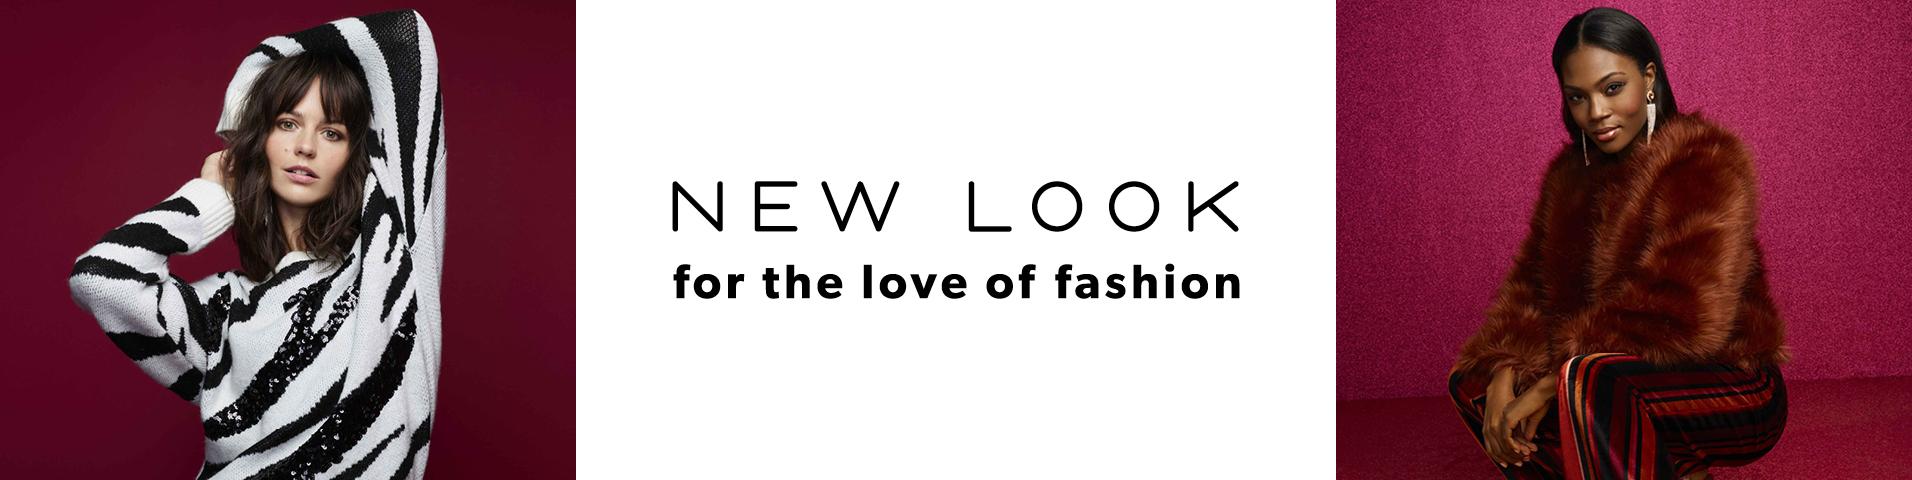 Ligne Vêtements New Femme Zalando • En Look IxwxPH8q